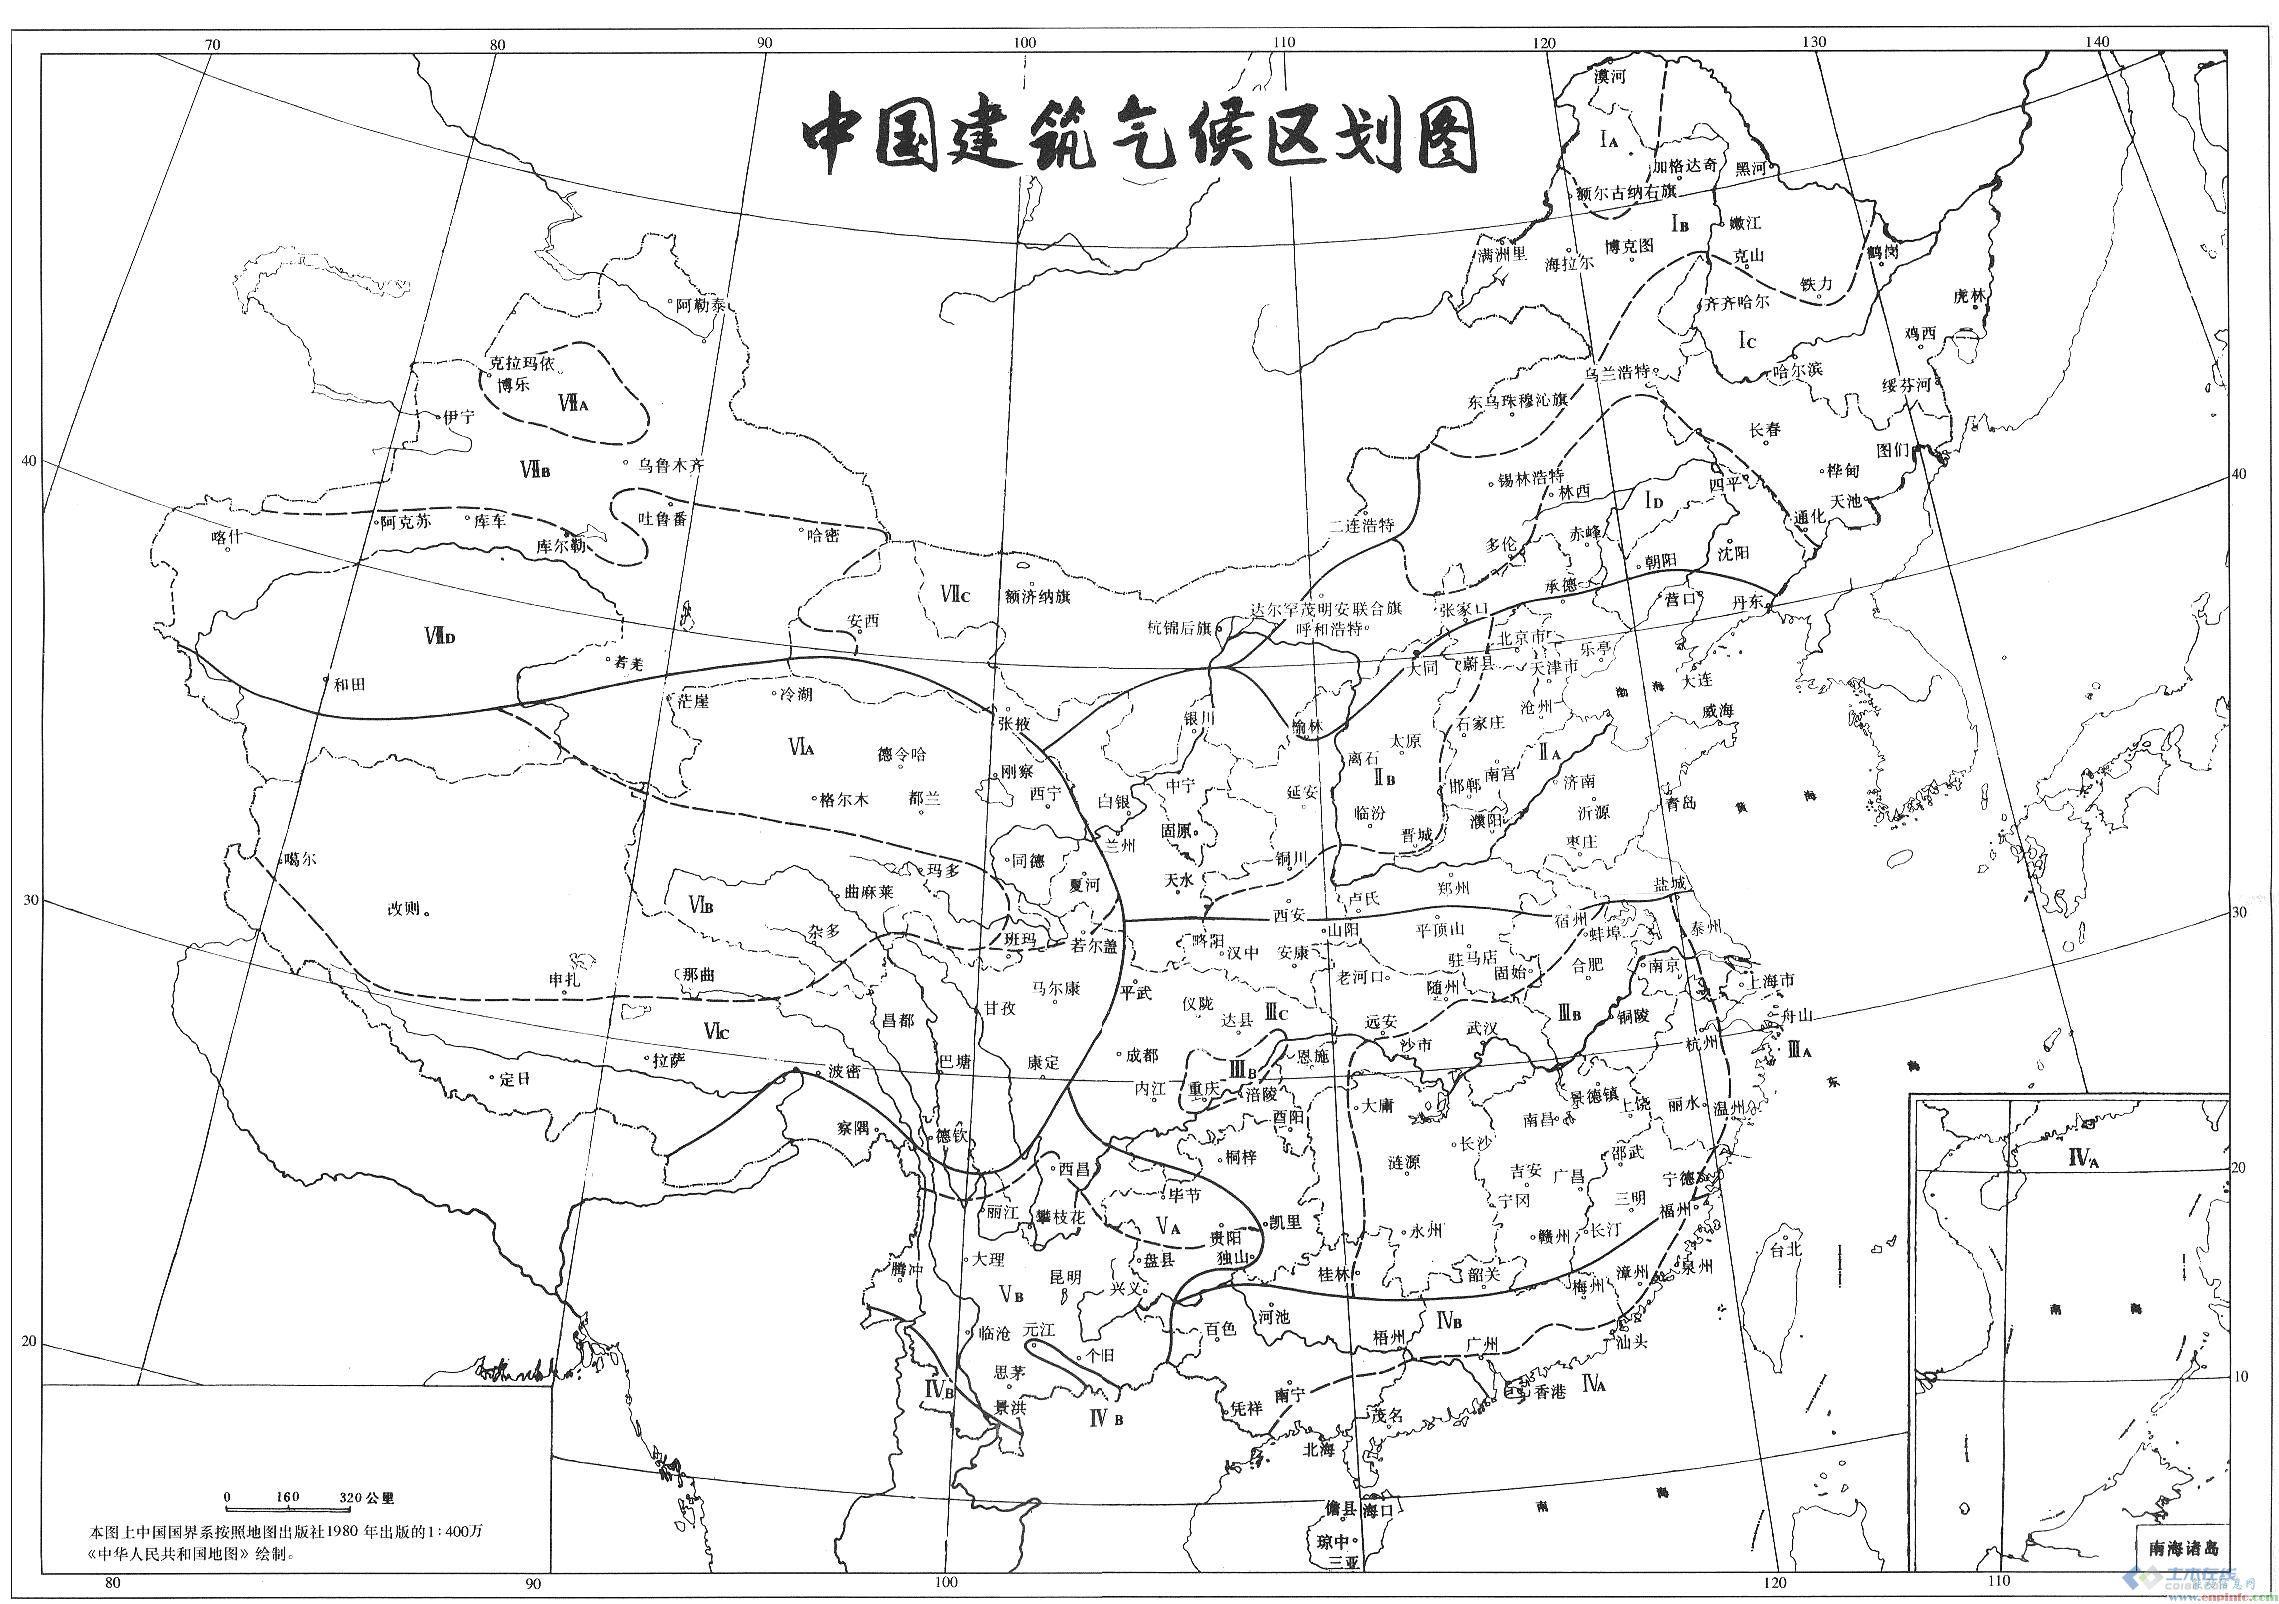 中国建筑气候区划图